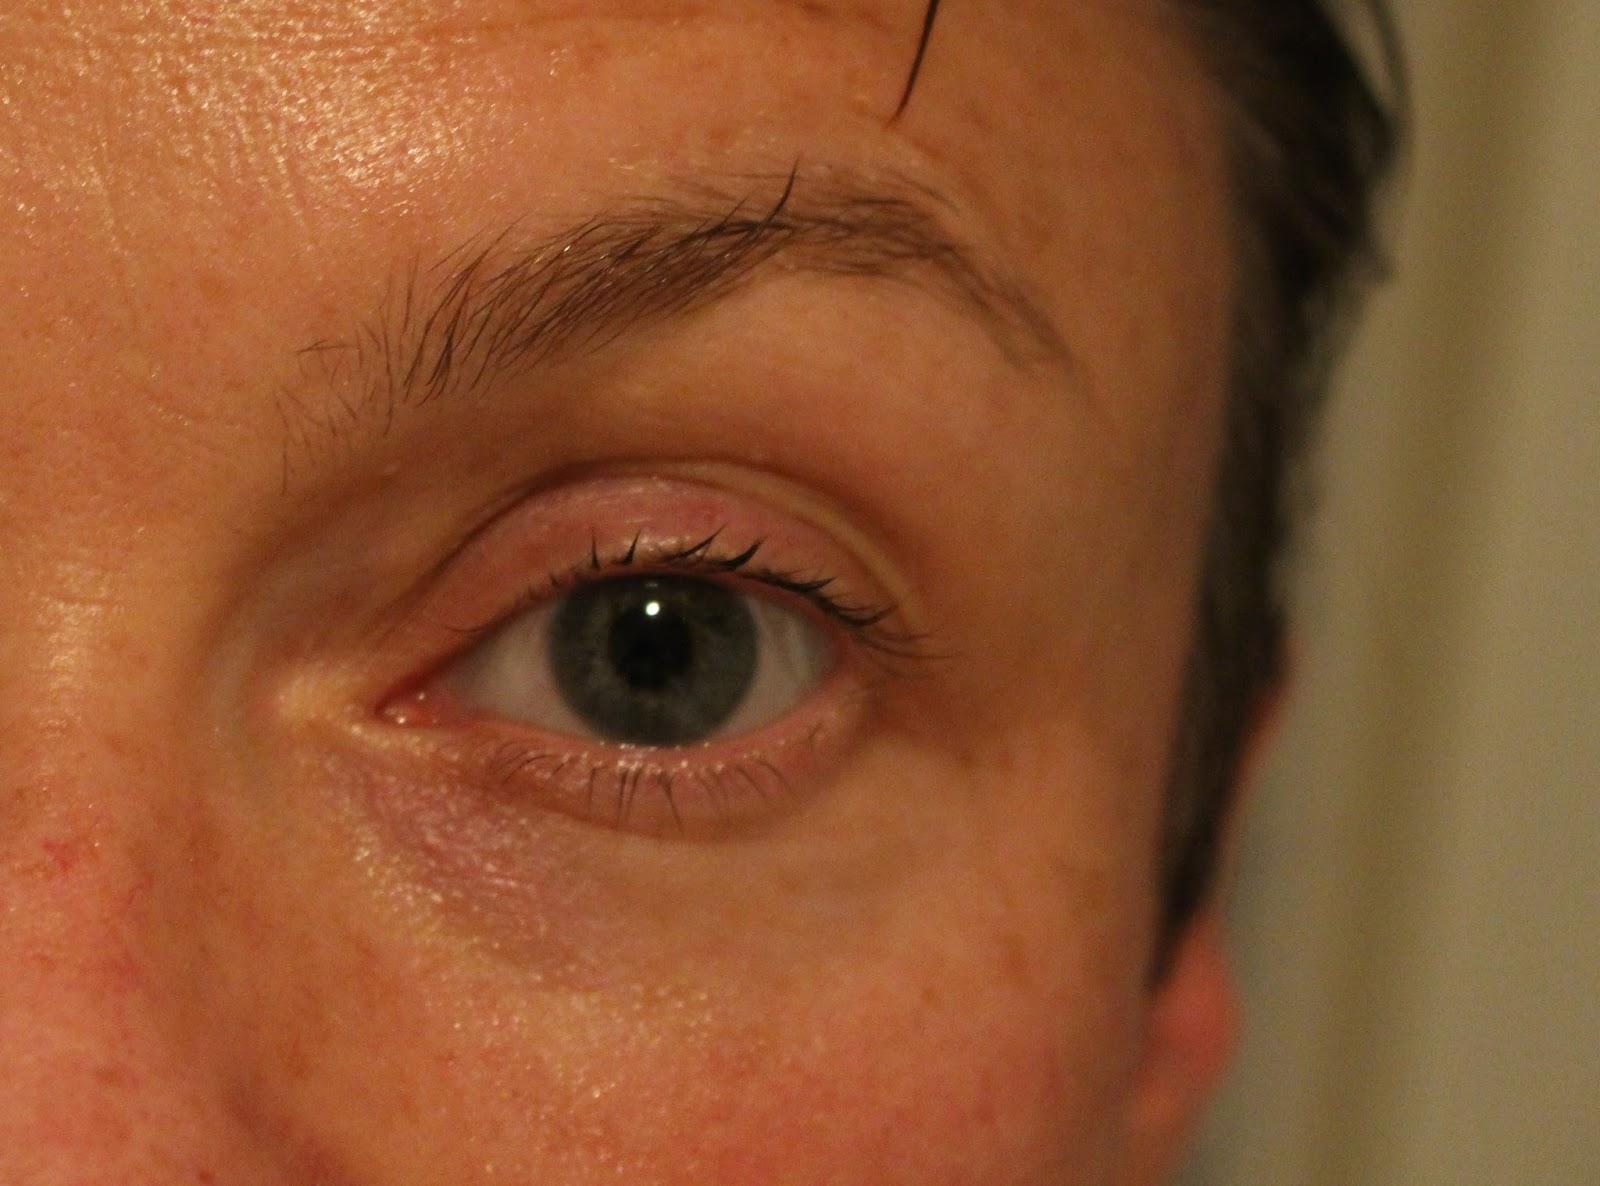 False Eyelashes Over 40 Where Have My Lashes Gone Fake Fabulous